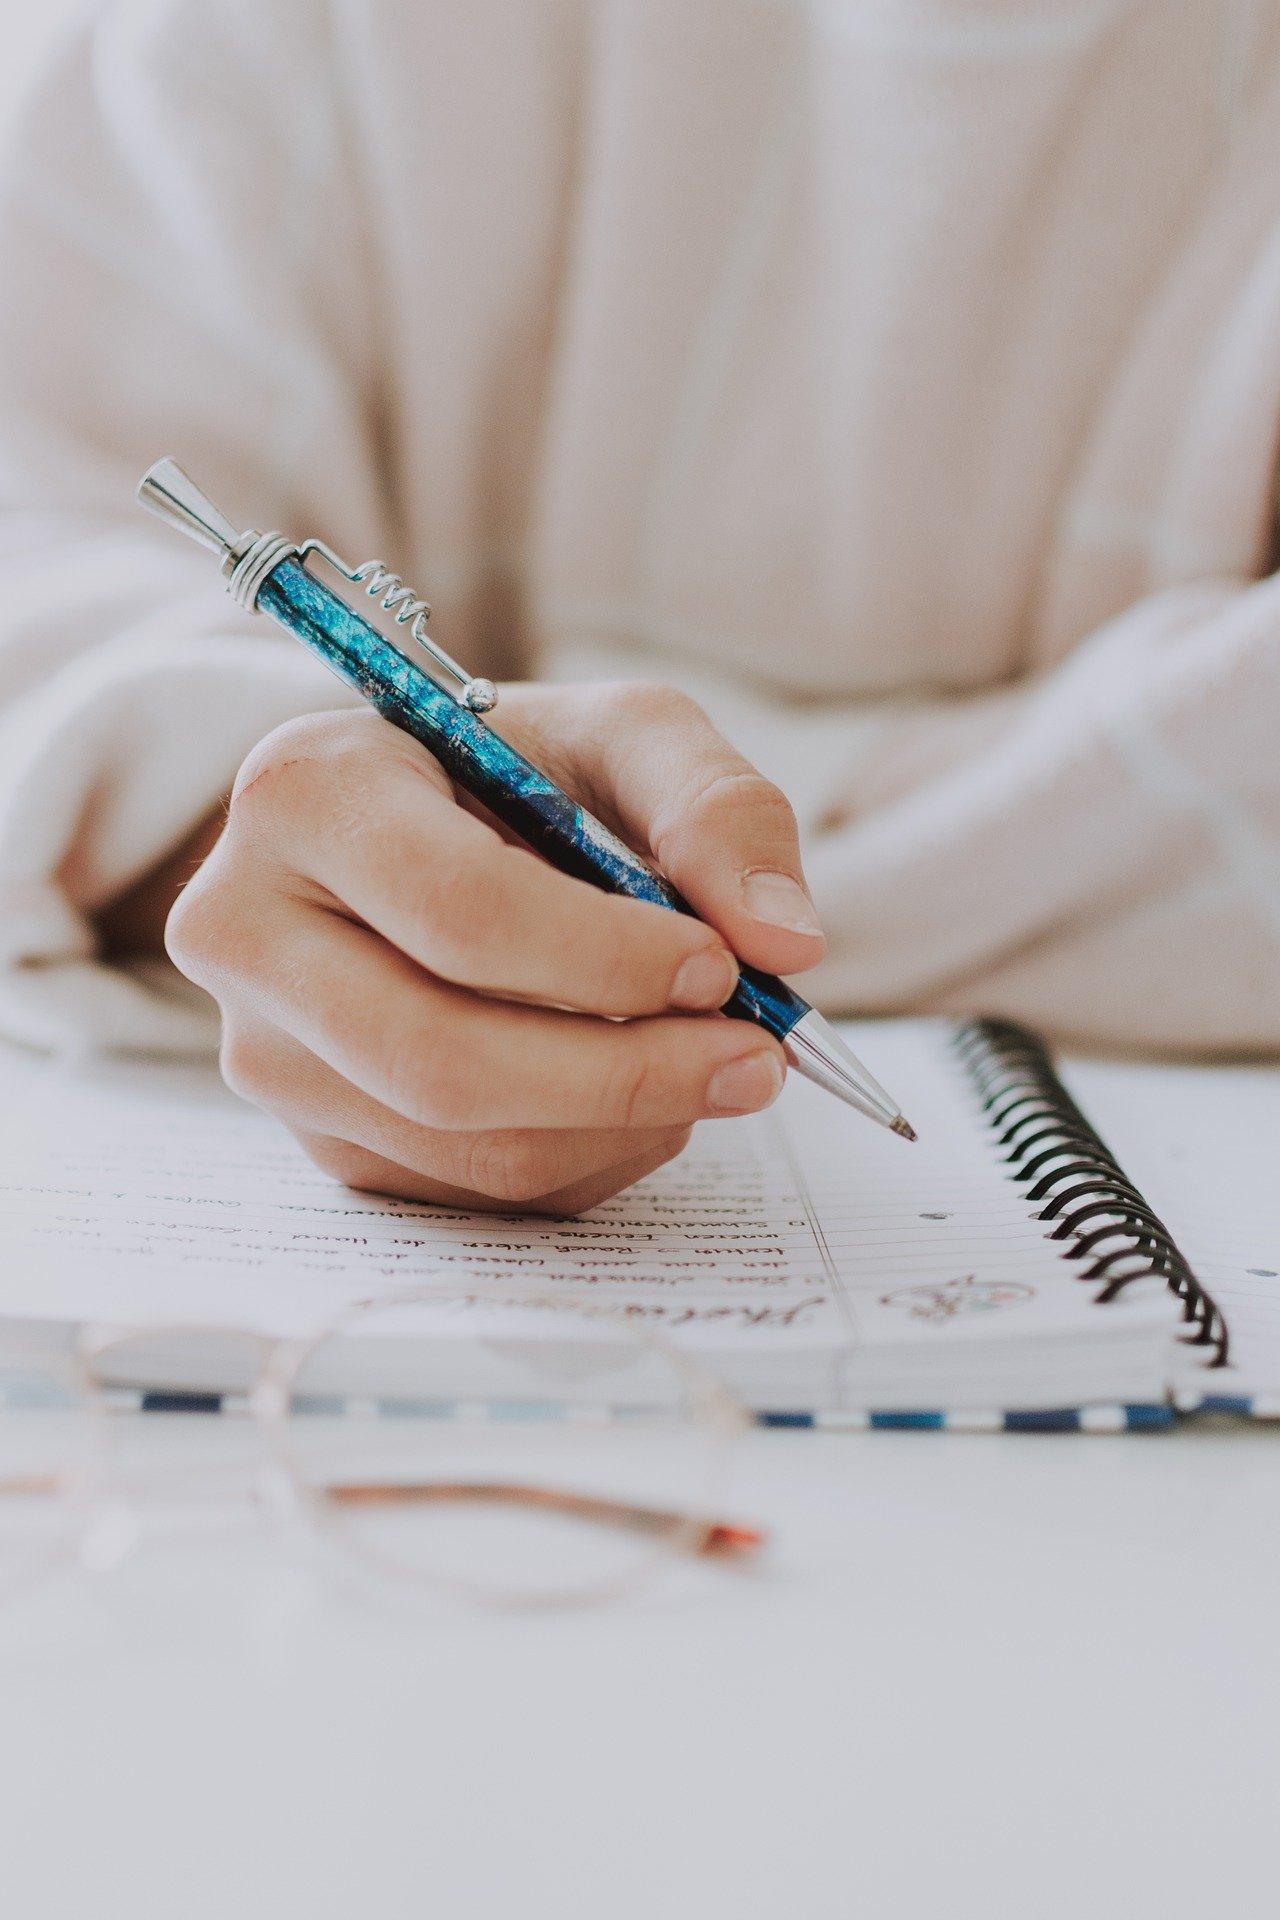 Ecrivez ce que les odeurs vous rappellent ou ce qu'elles signifient pour vous.